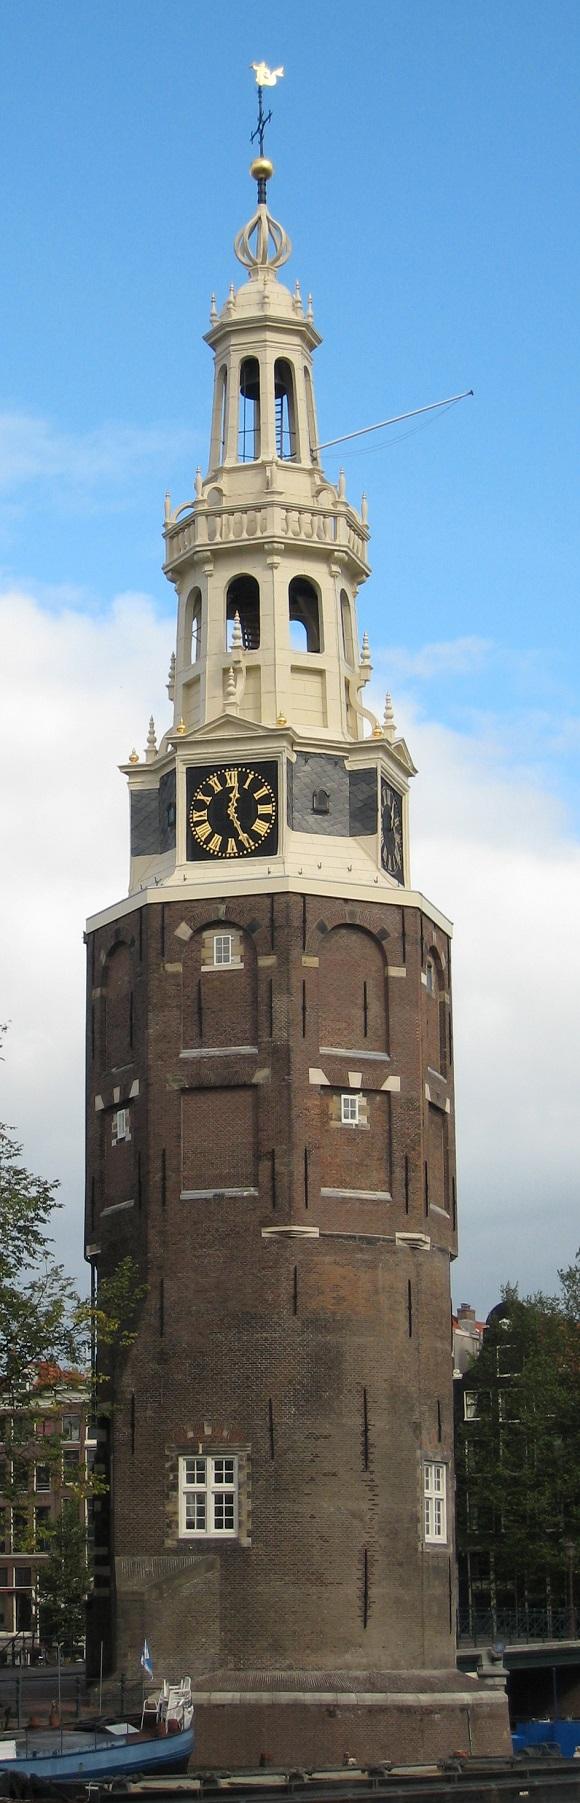 Torre de Montelbaanstoren